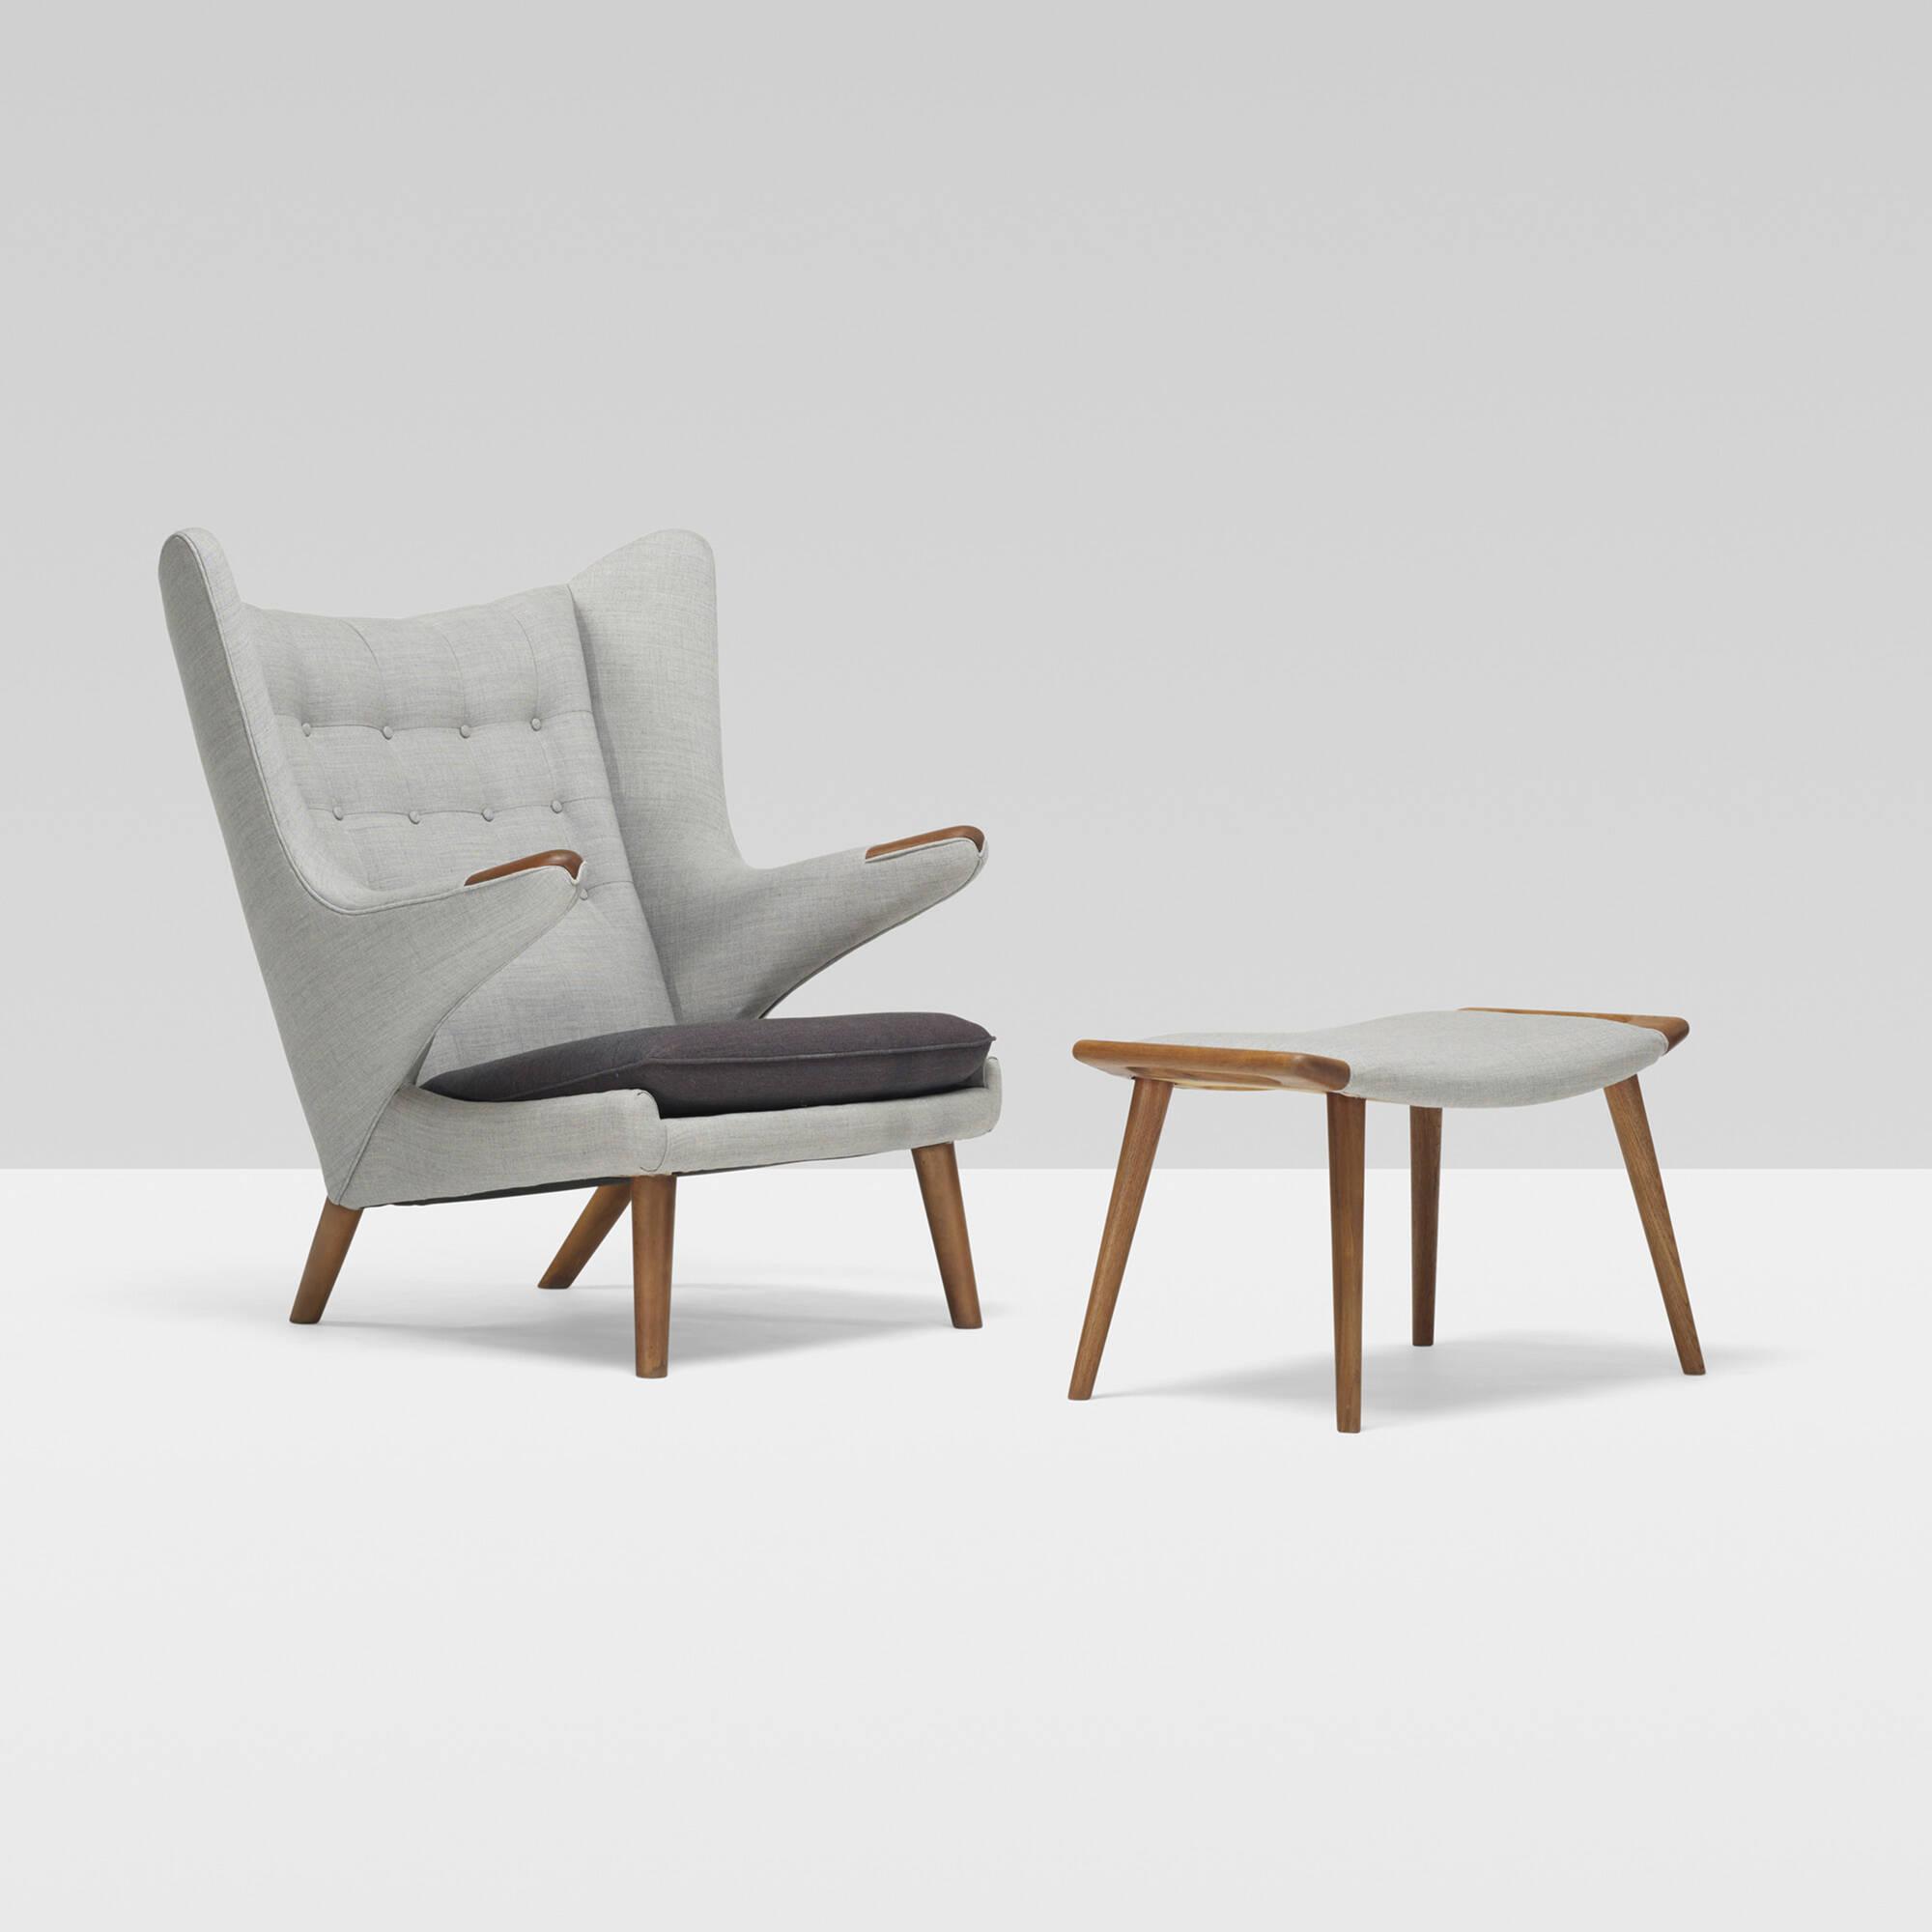 Merveilleux 306: Hans J. Wegner / Papa Bear Chair And Ottoman (1 Of 4